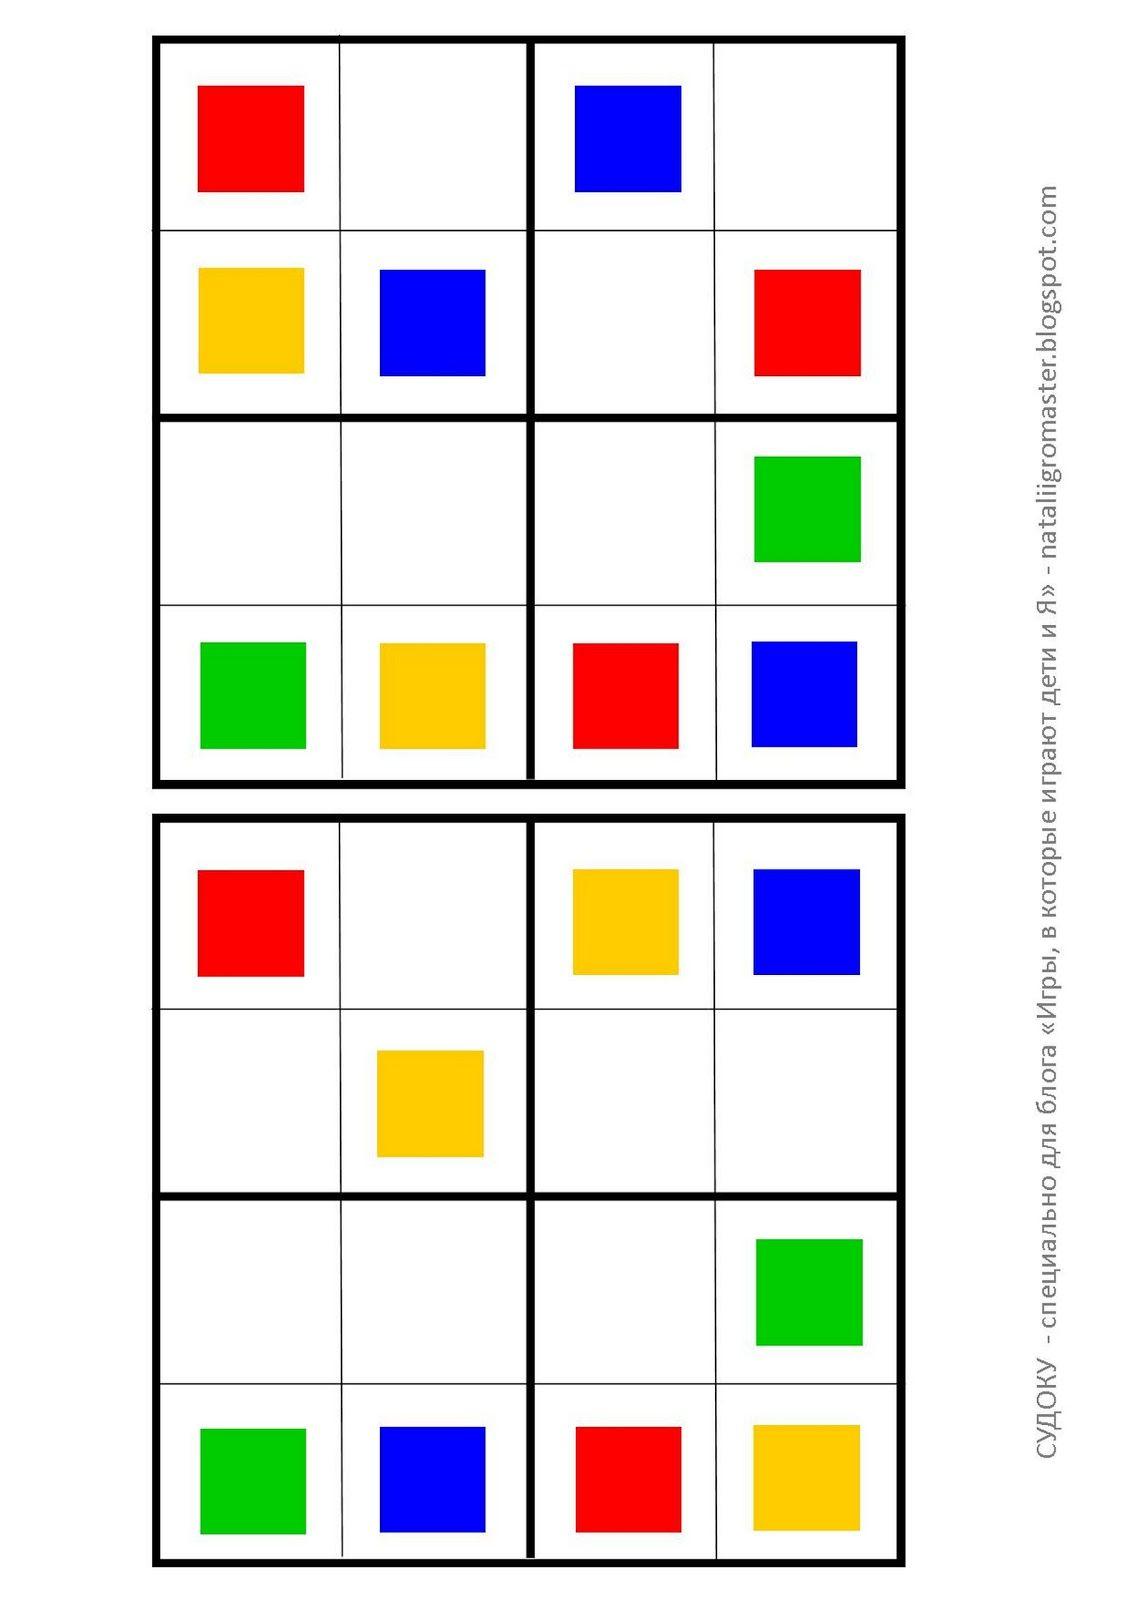 sudoku versión de color imprimir y jugar los niños juegan